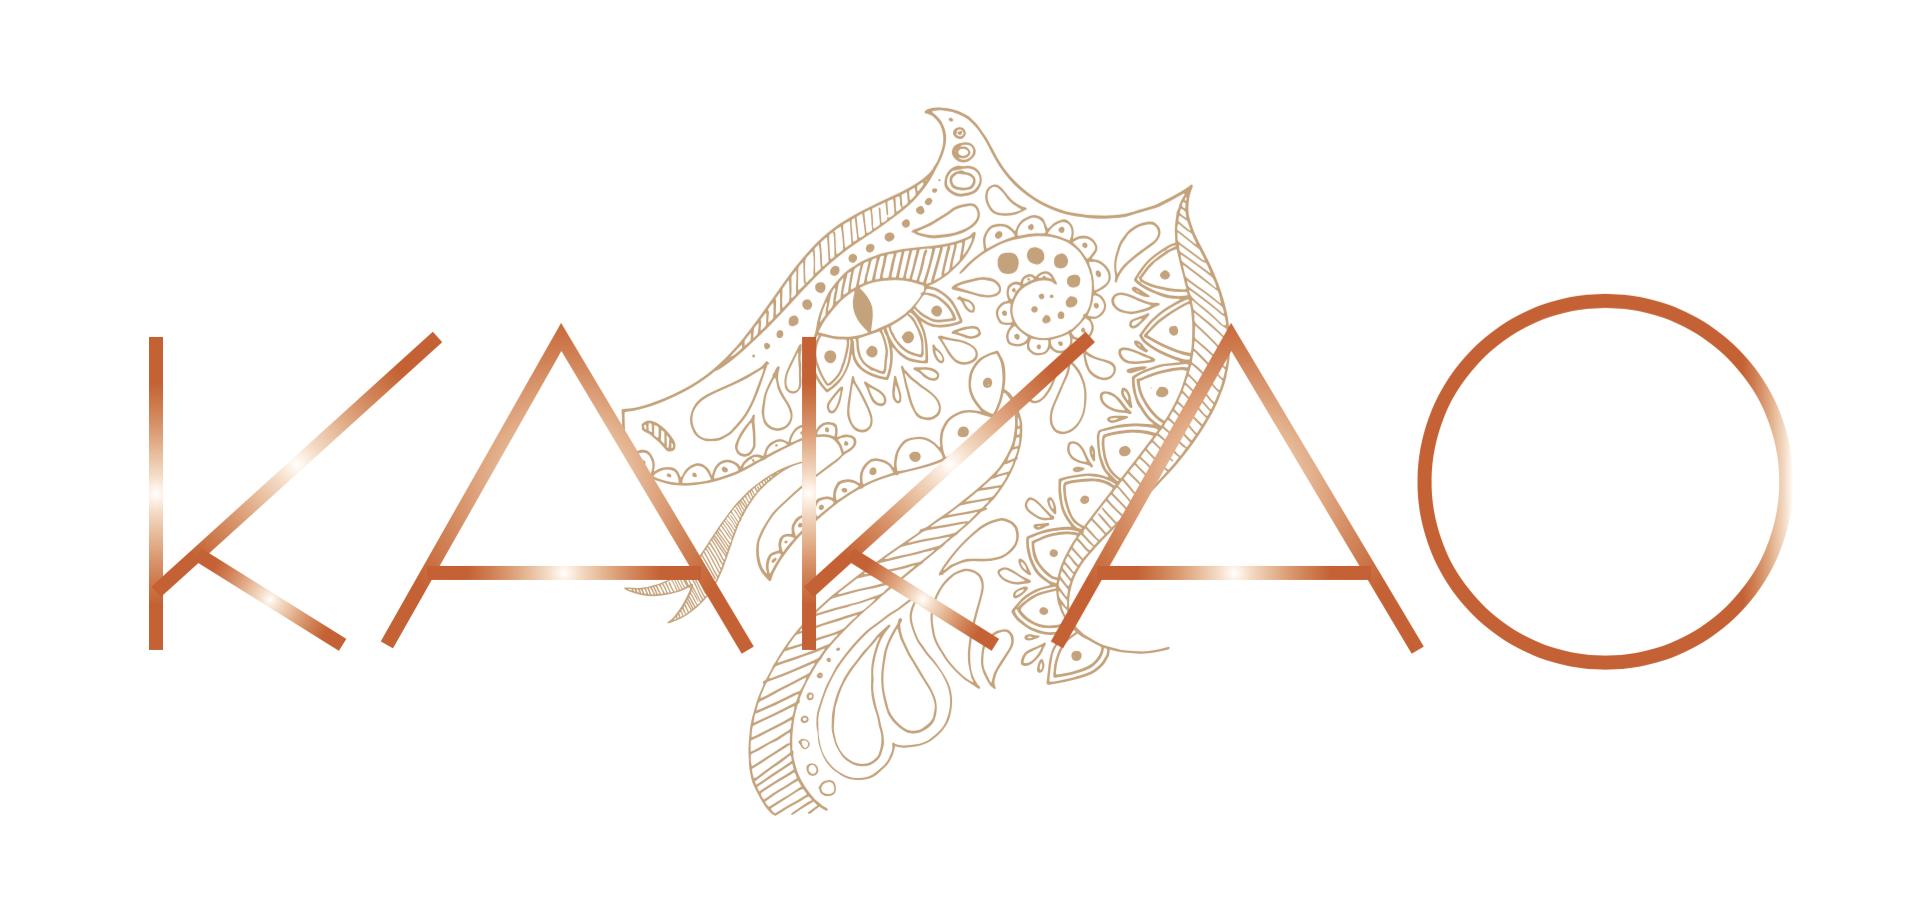 kakao logo 1.png